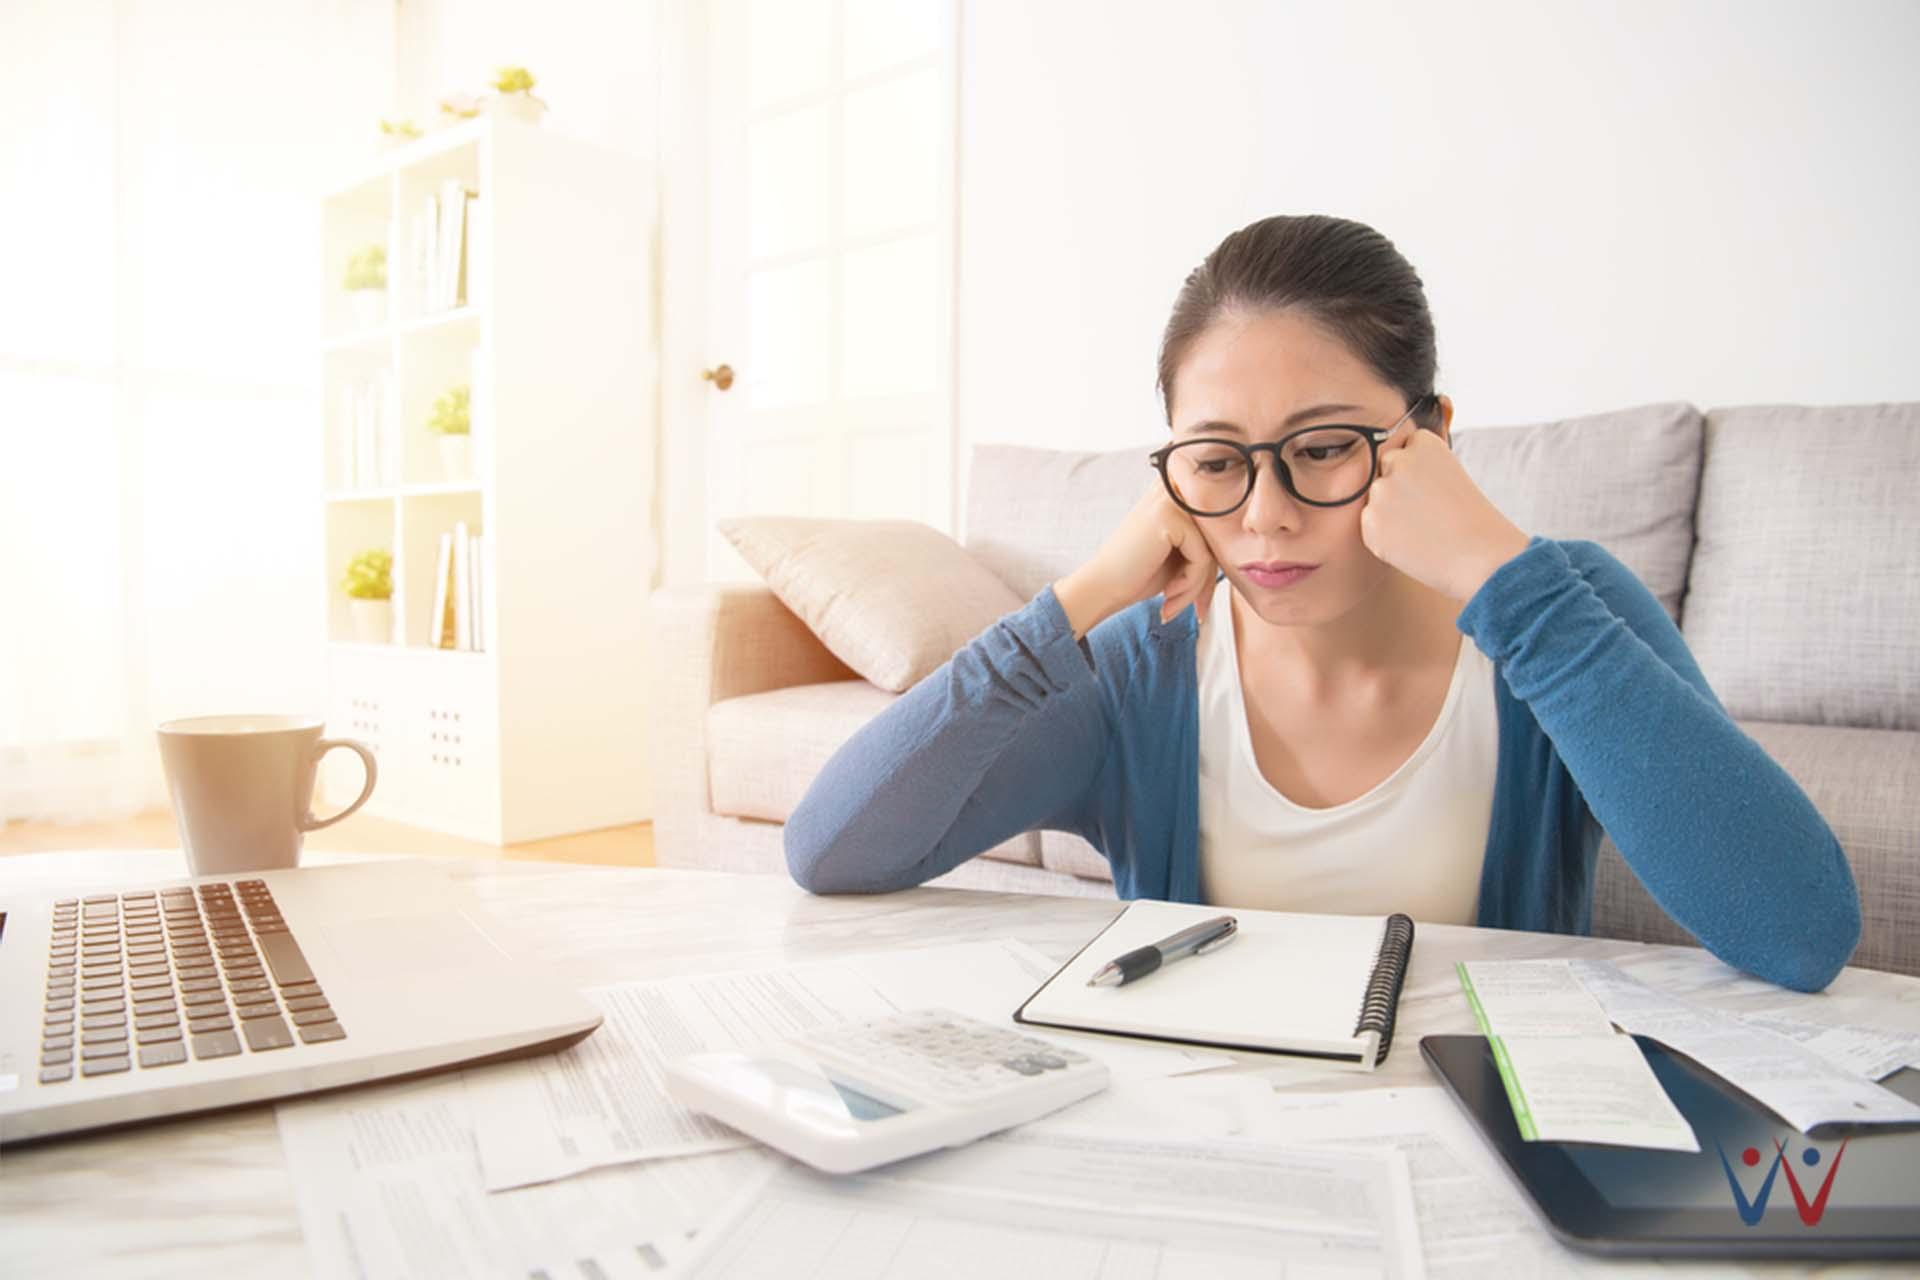 nasihat keuangan - utang - bingung - tagihan - manajemen keuangan